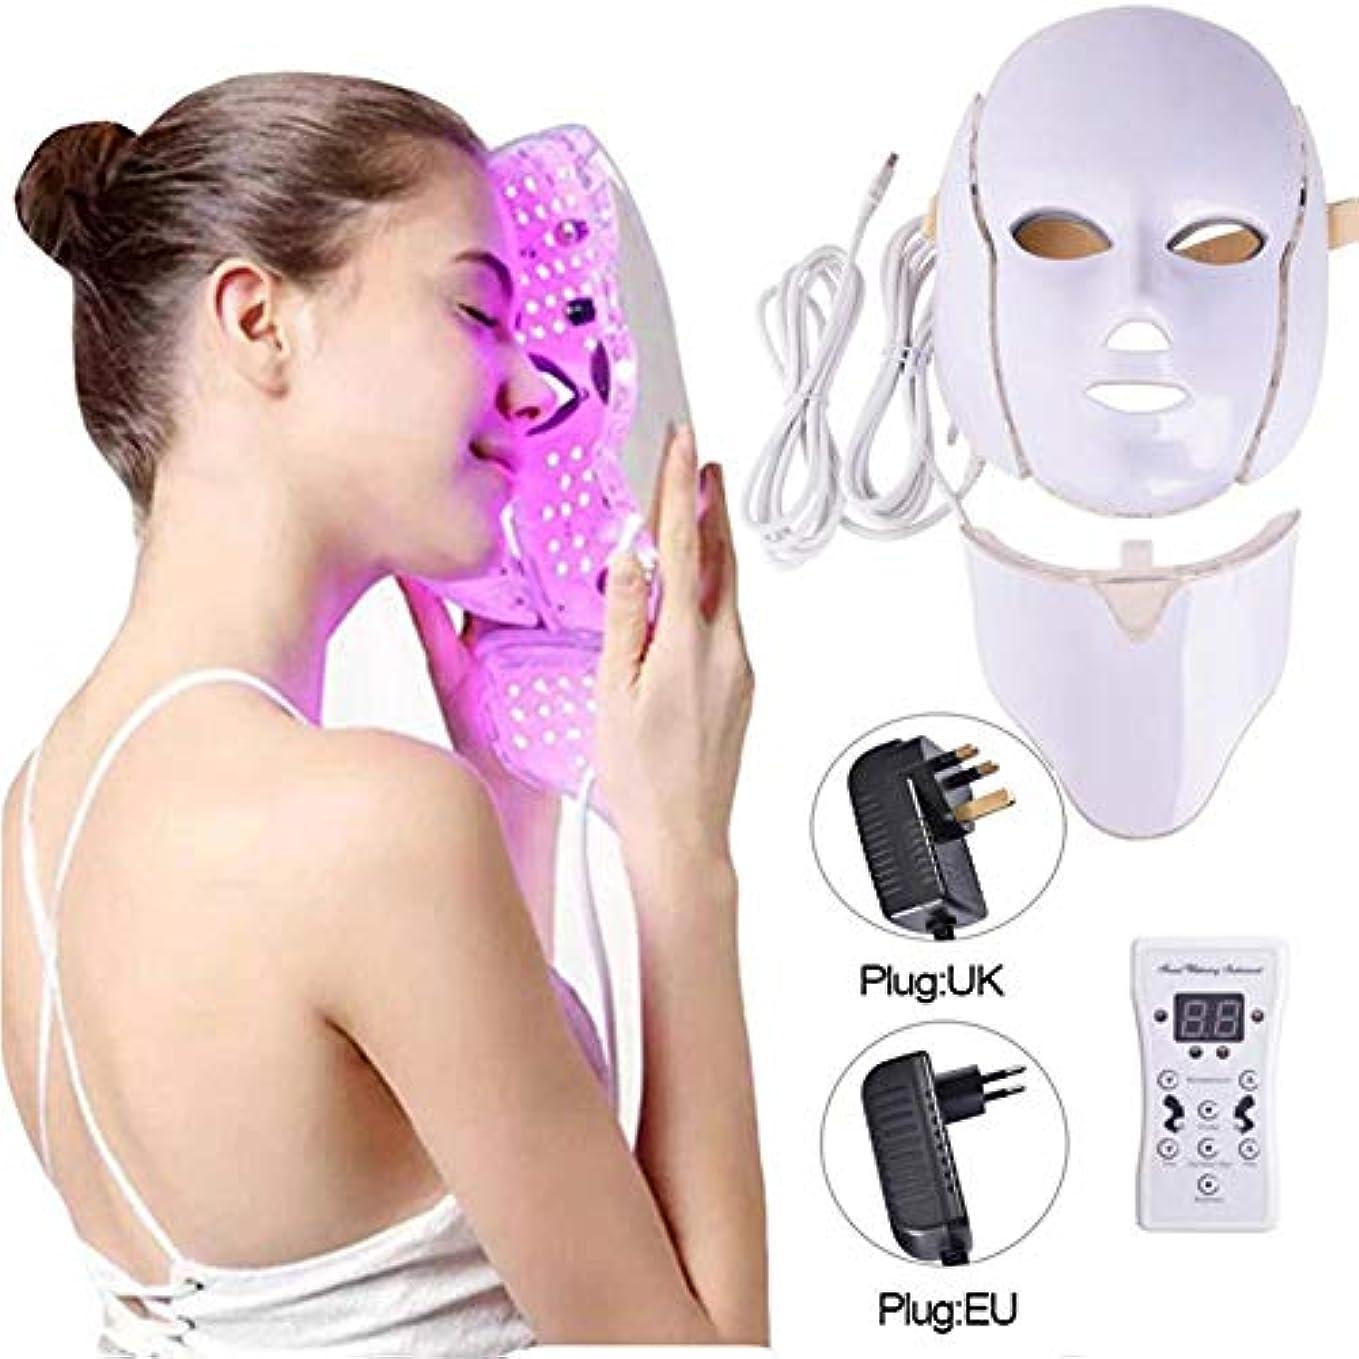 ラフ睡眠ギャラントリーニンニクネックマスクセット付きLEDマスクフォトンリジュビネーションスペクトル美容器具7色ライトLEDフェイシャルマスク